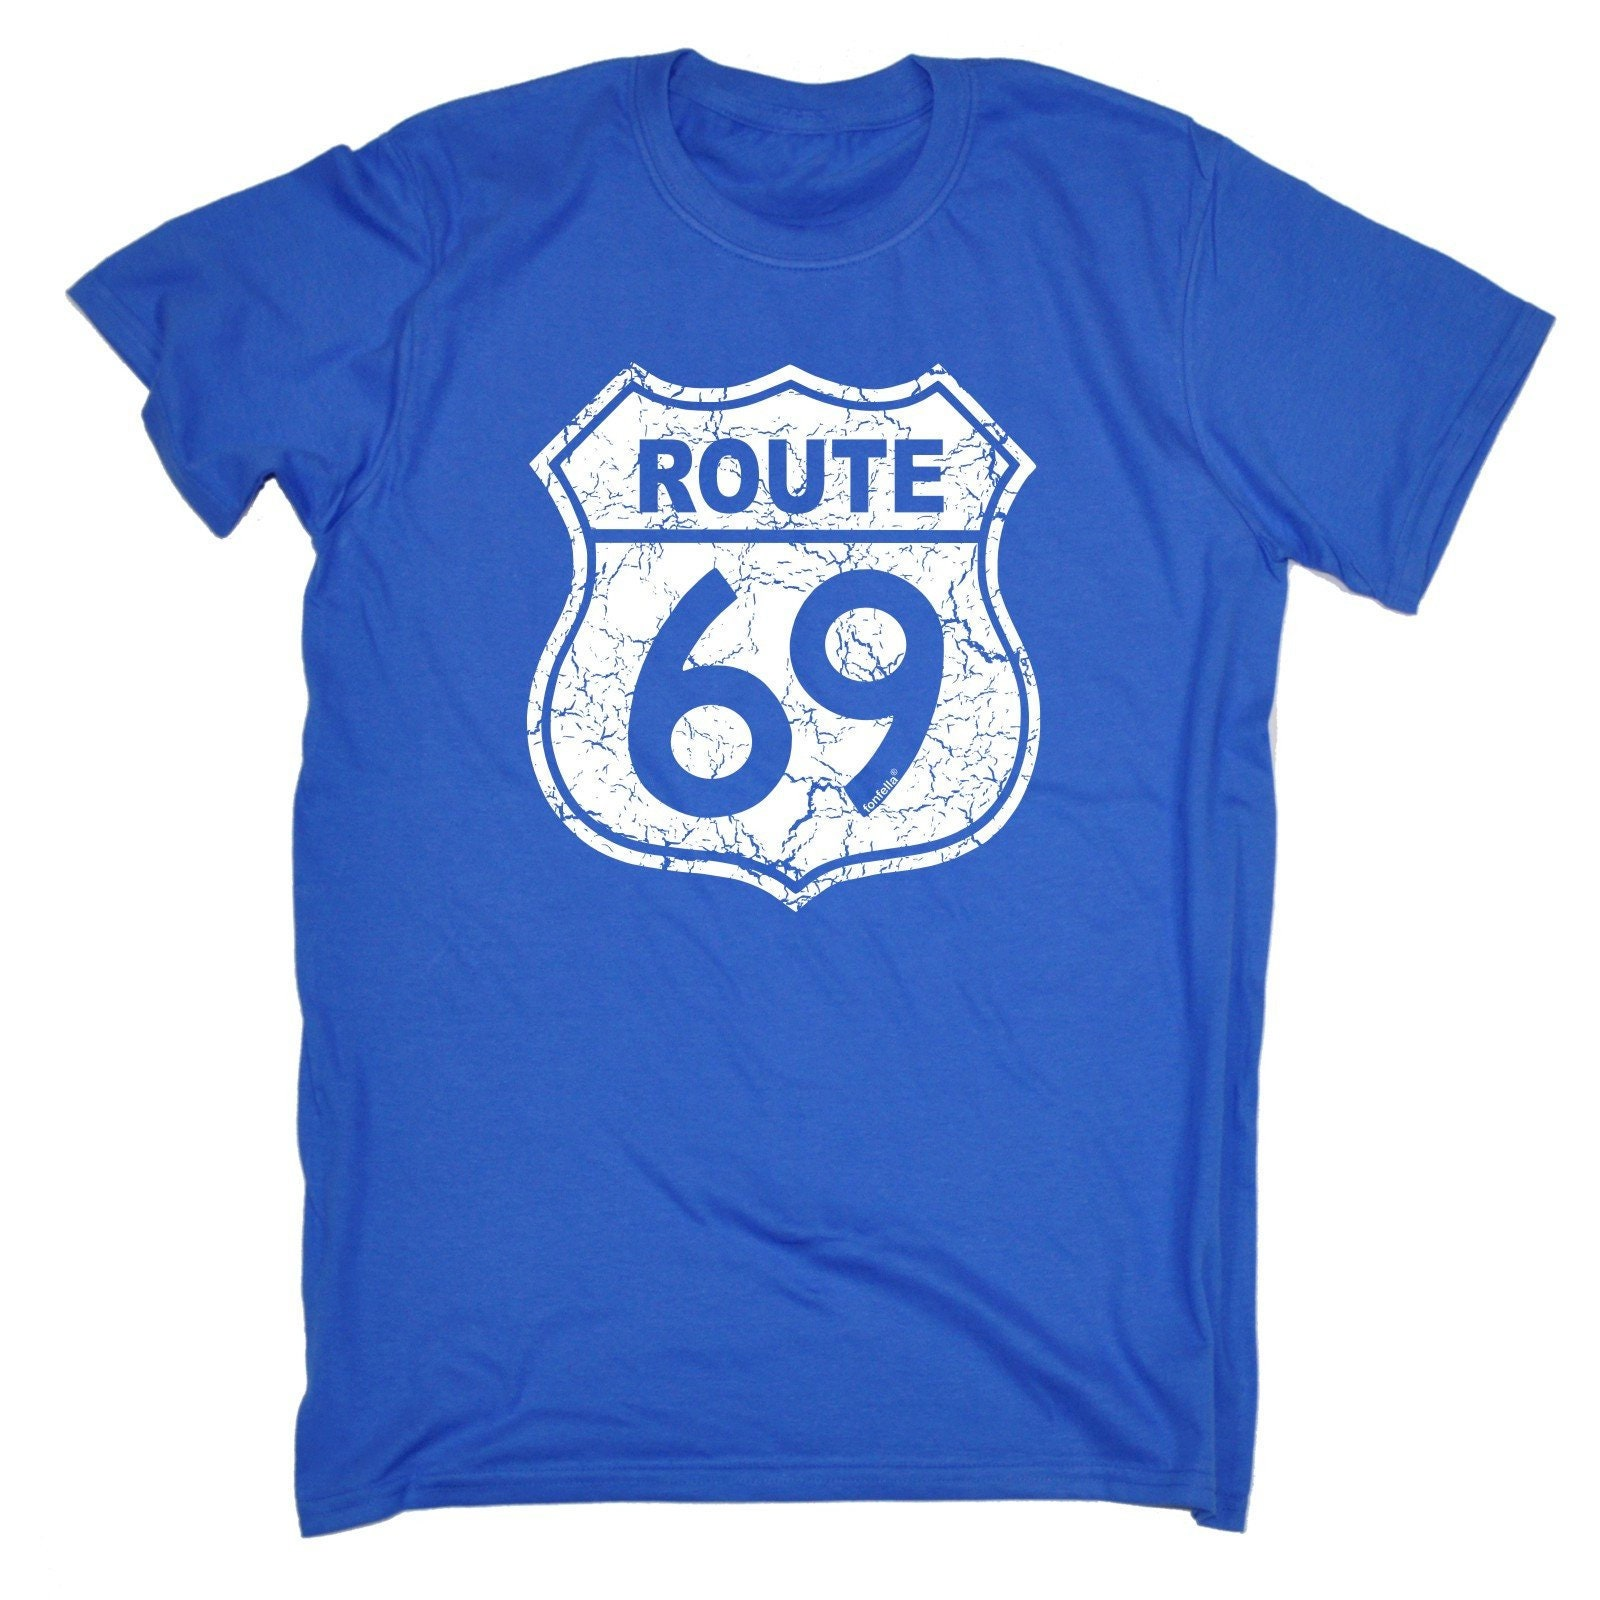 Route 123t nouveauté hommes 69 drôle T-Shirt Tee Tshirt T Shirts nouveauté 123t drôle cadeau d'anniversaire cadeau Noël 097ca5